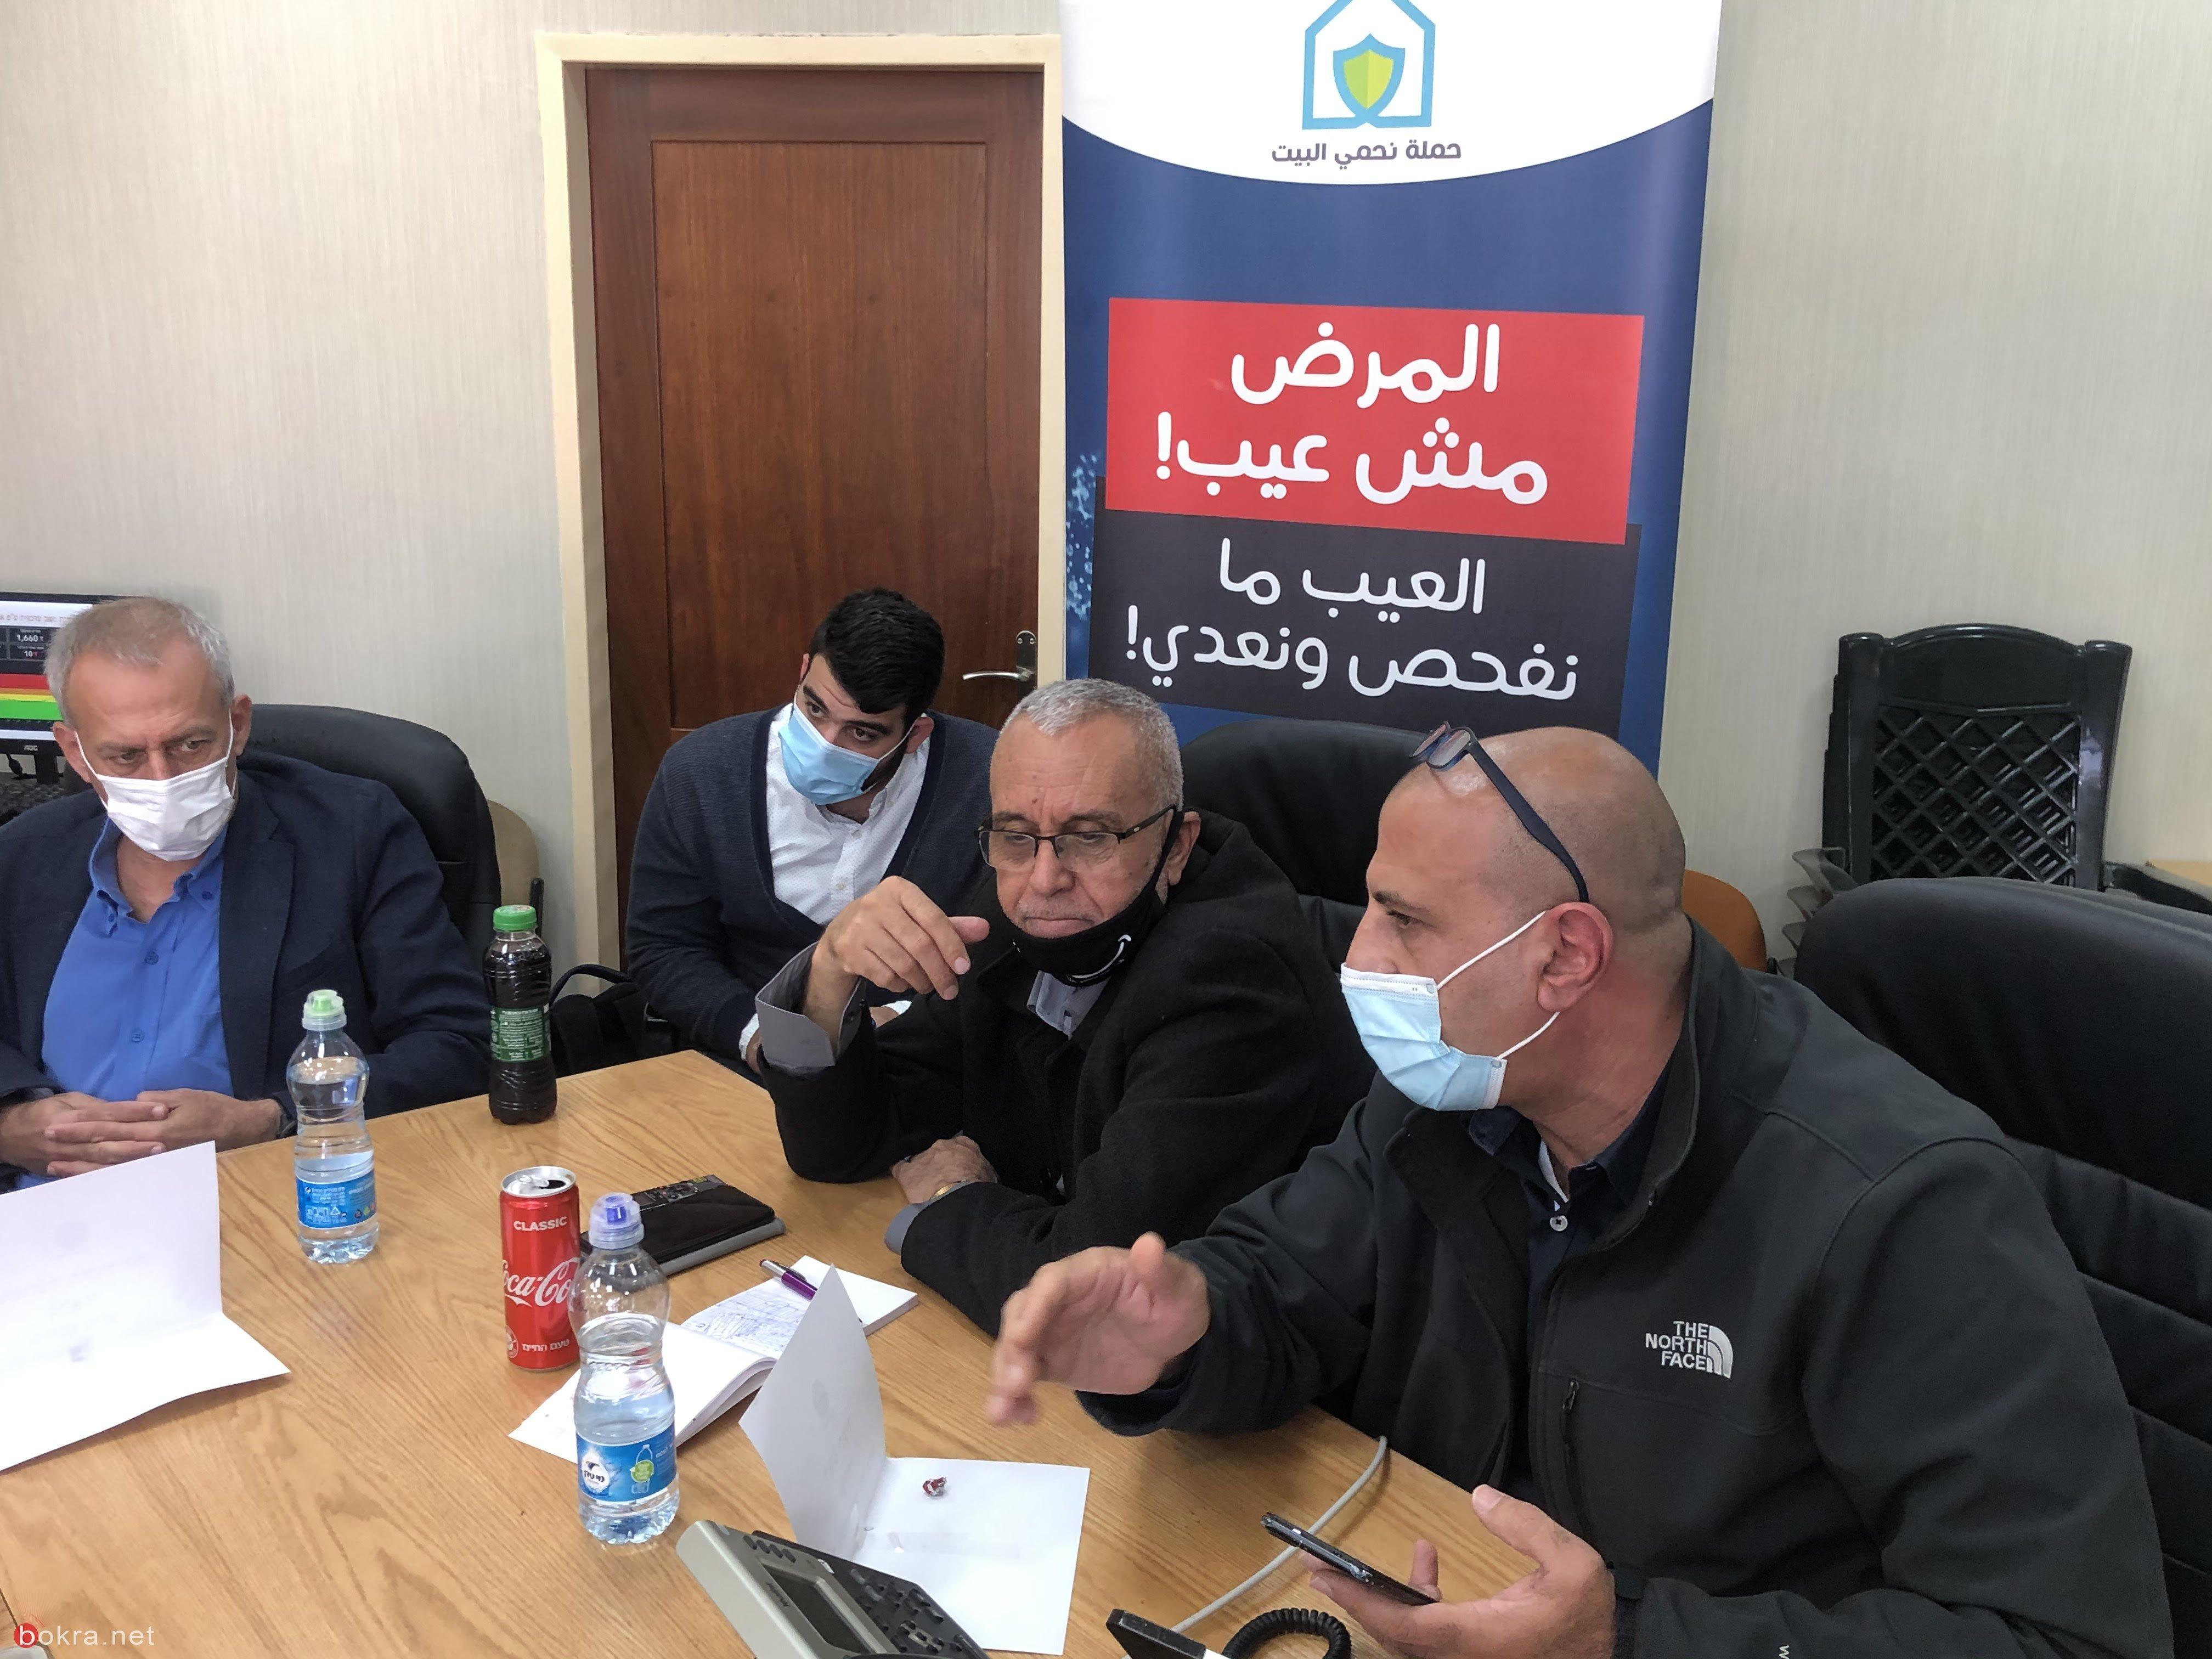 رئيس بلدية قلنسوة: اذا تم الالتزام بتقييدات وزارة الصحة سيكون الاغلاق حتى يوم الاثنين